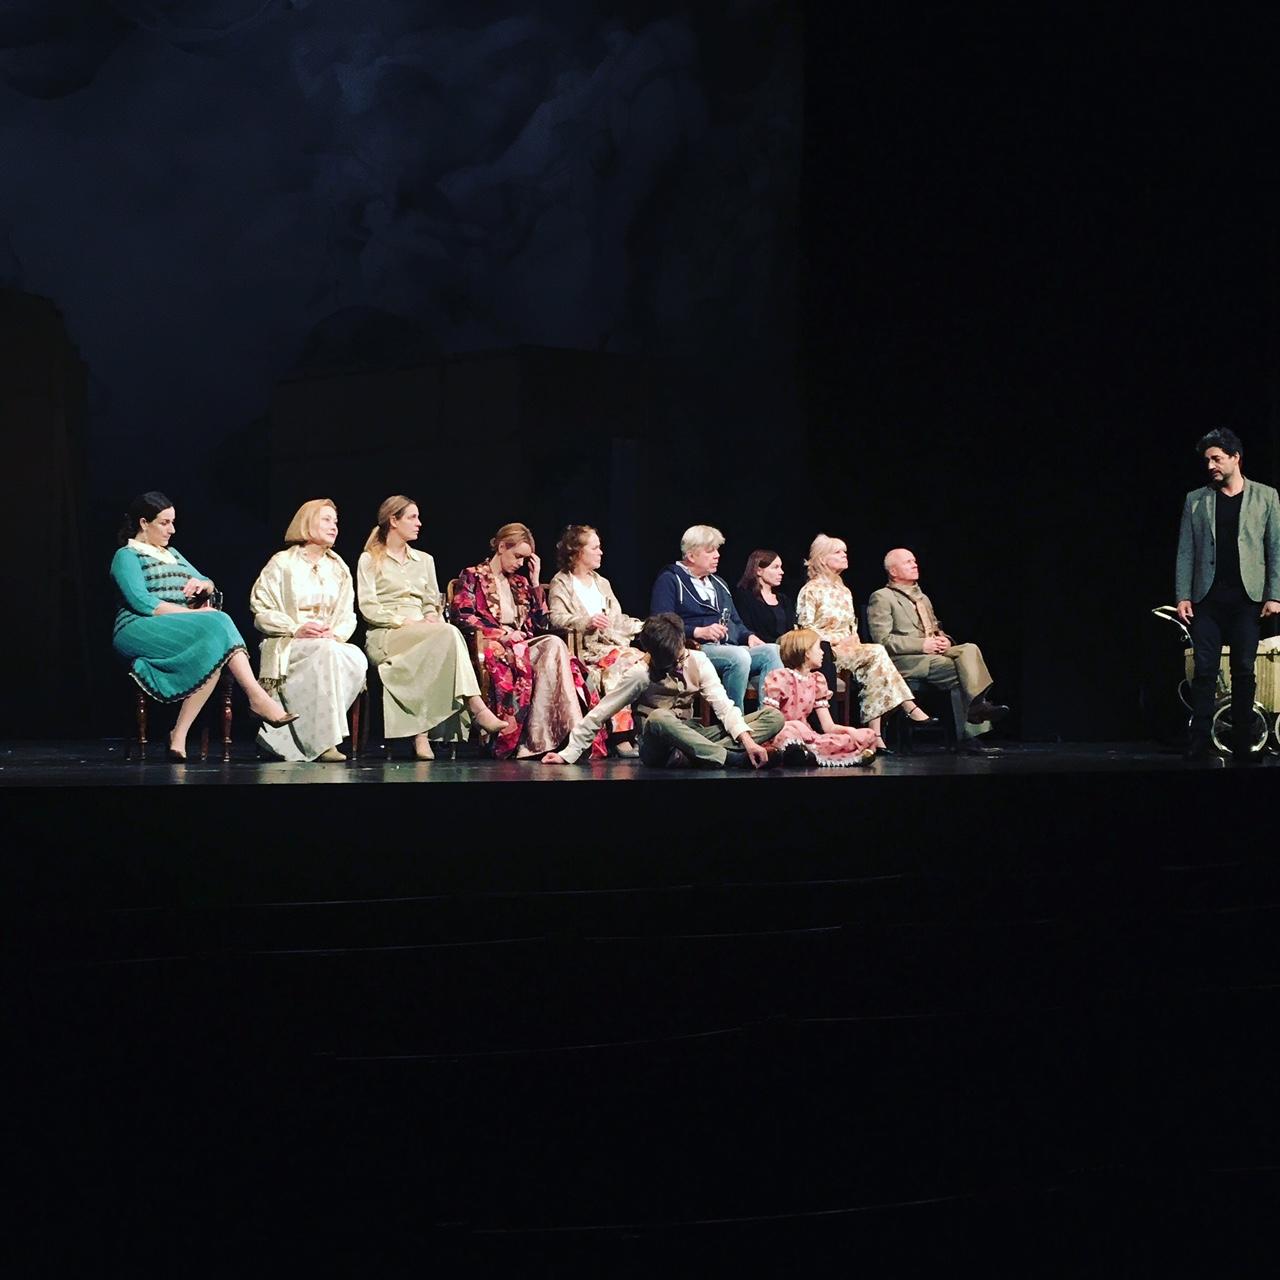 Anton Forsdik, Dramaten, Fanny och Alexander